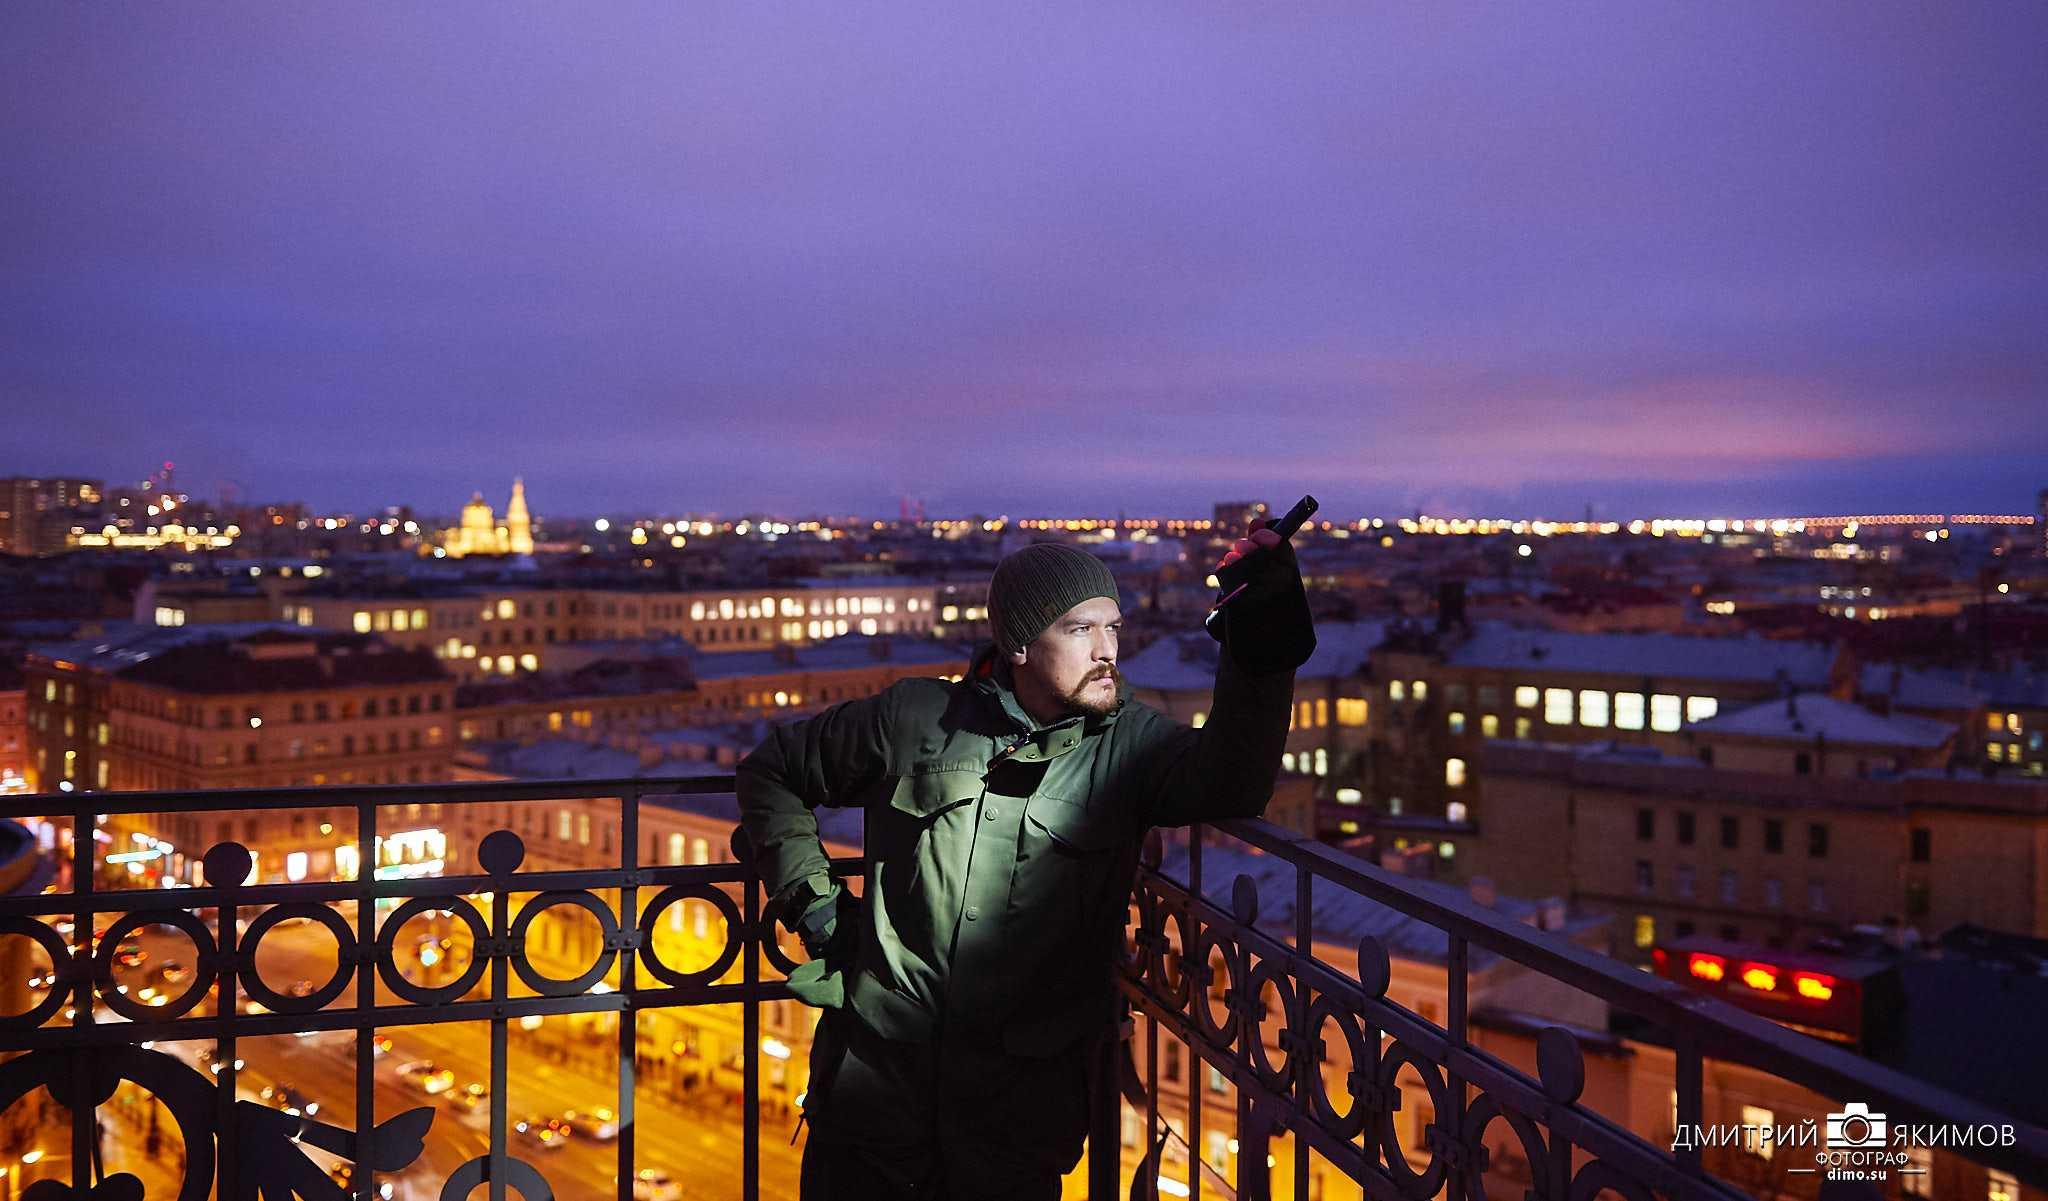 DIM 7881 - Гуляя над вечерним городом, крыши Питера